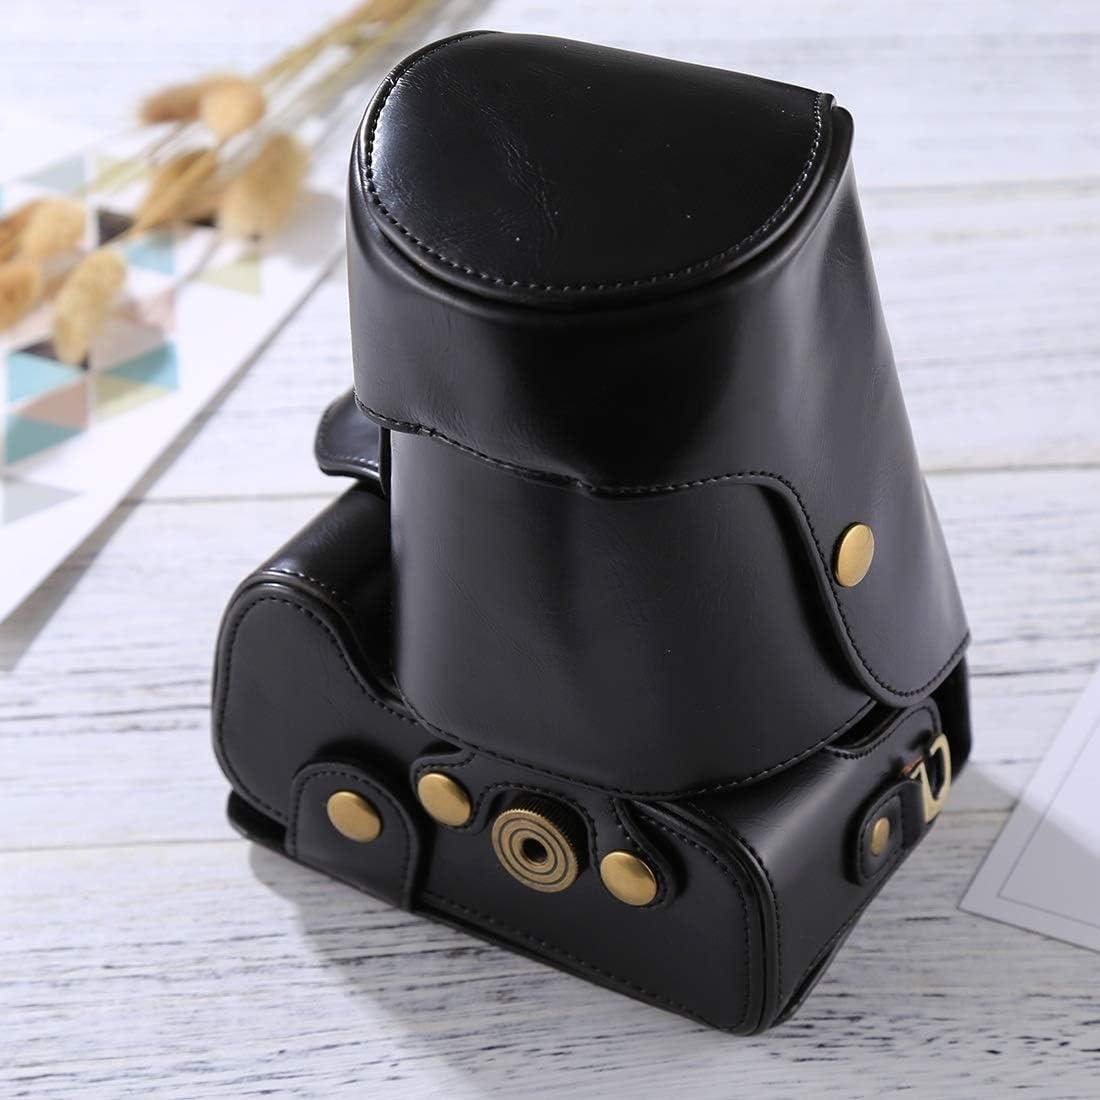 XulilinQ Camera Bag Good Body Camera PU Leather Case Bag for Nikon D5300 // D5200 // D5100 Color : Black Black 18-55mm // 18-105mm // 18-140mm Lens